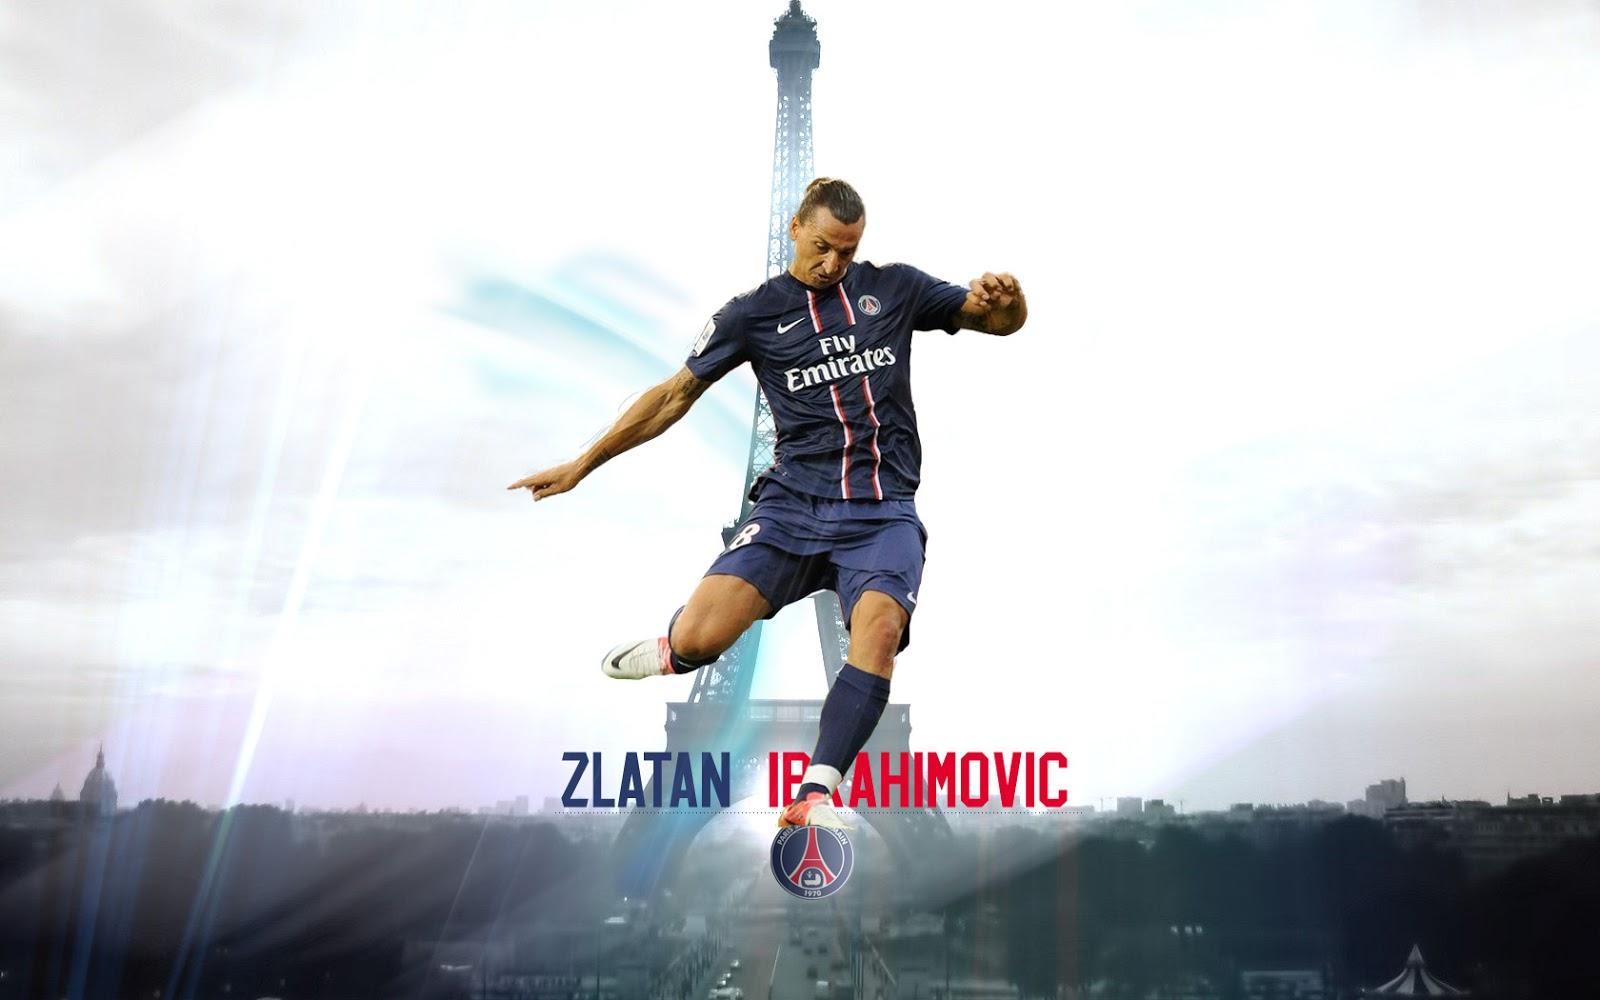 Zlatan Ibrahimovic New HD Wallpapers 2013-